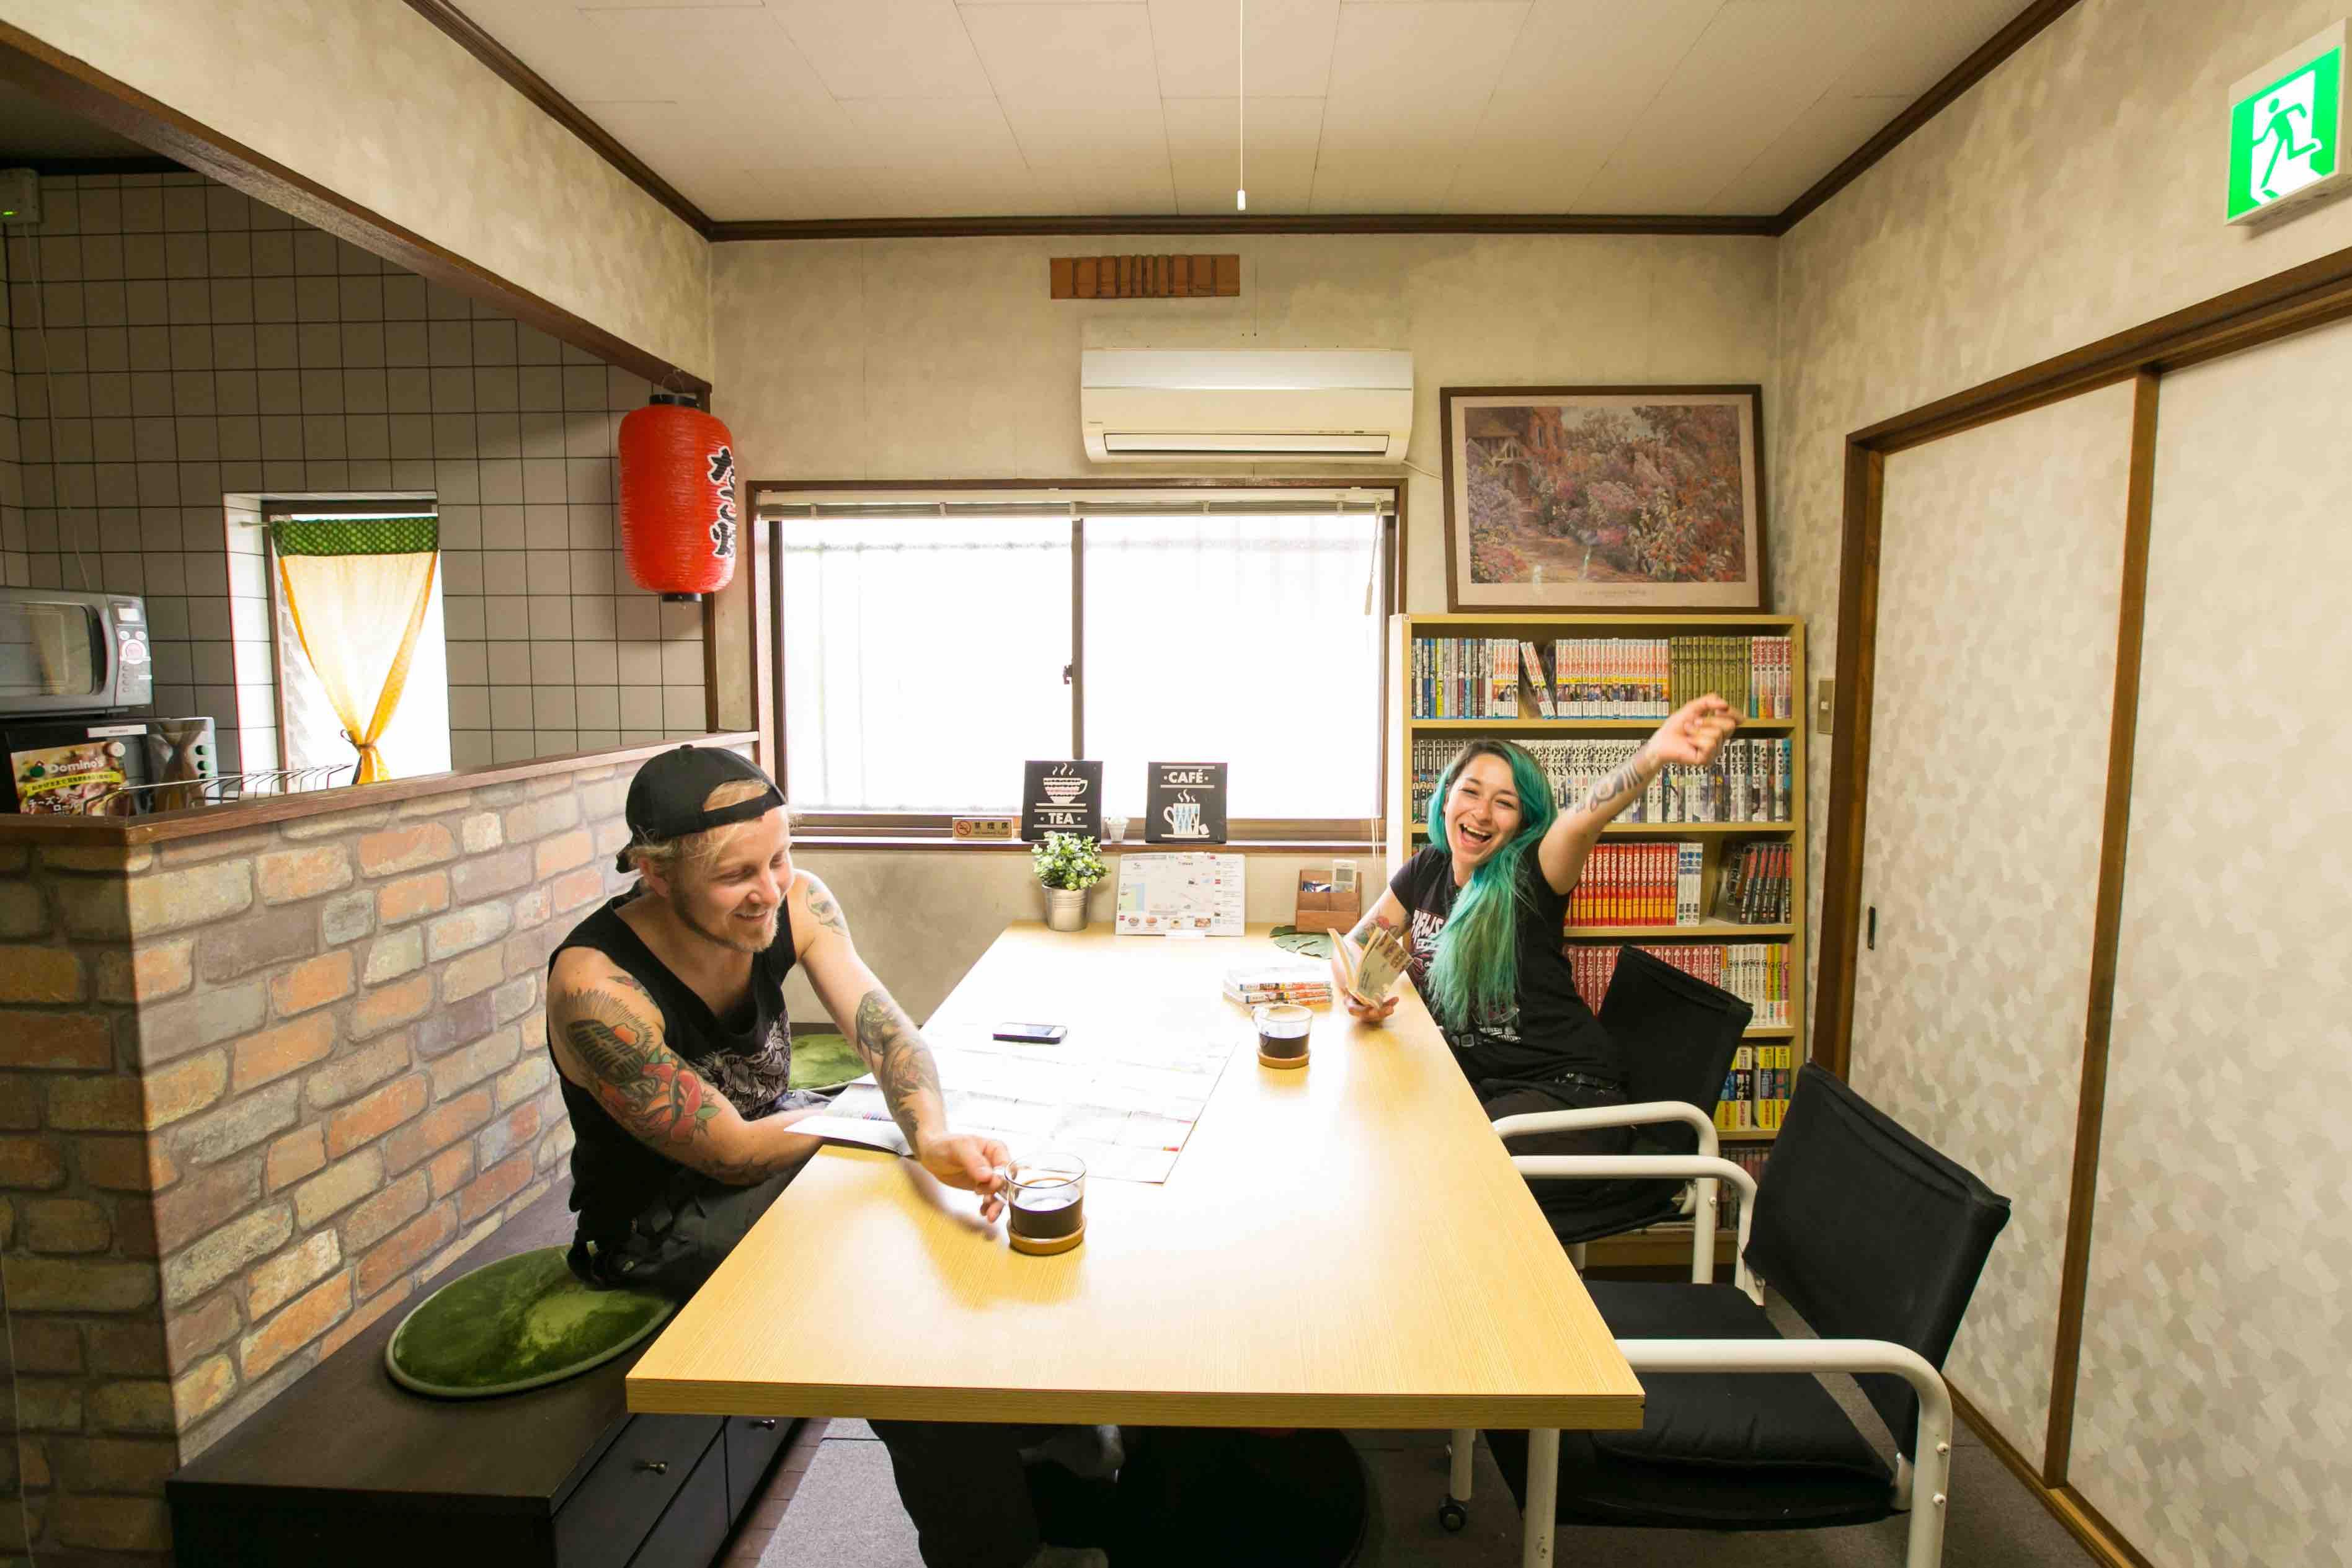 |大阪|ゲストハウス|[ 南大阪 ]漫画が3000冊ある 一軒家ゲストハウスのフリーアコモデーションスタッフ募集